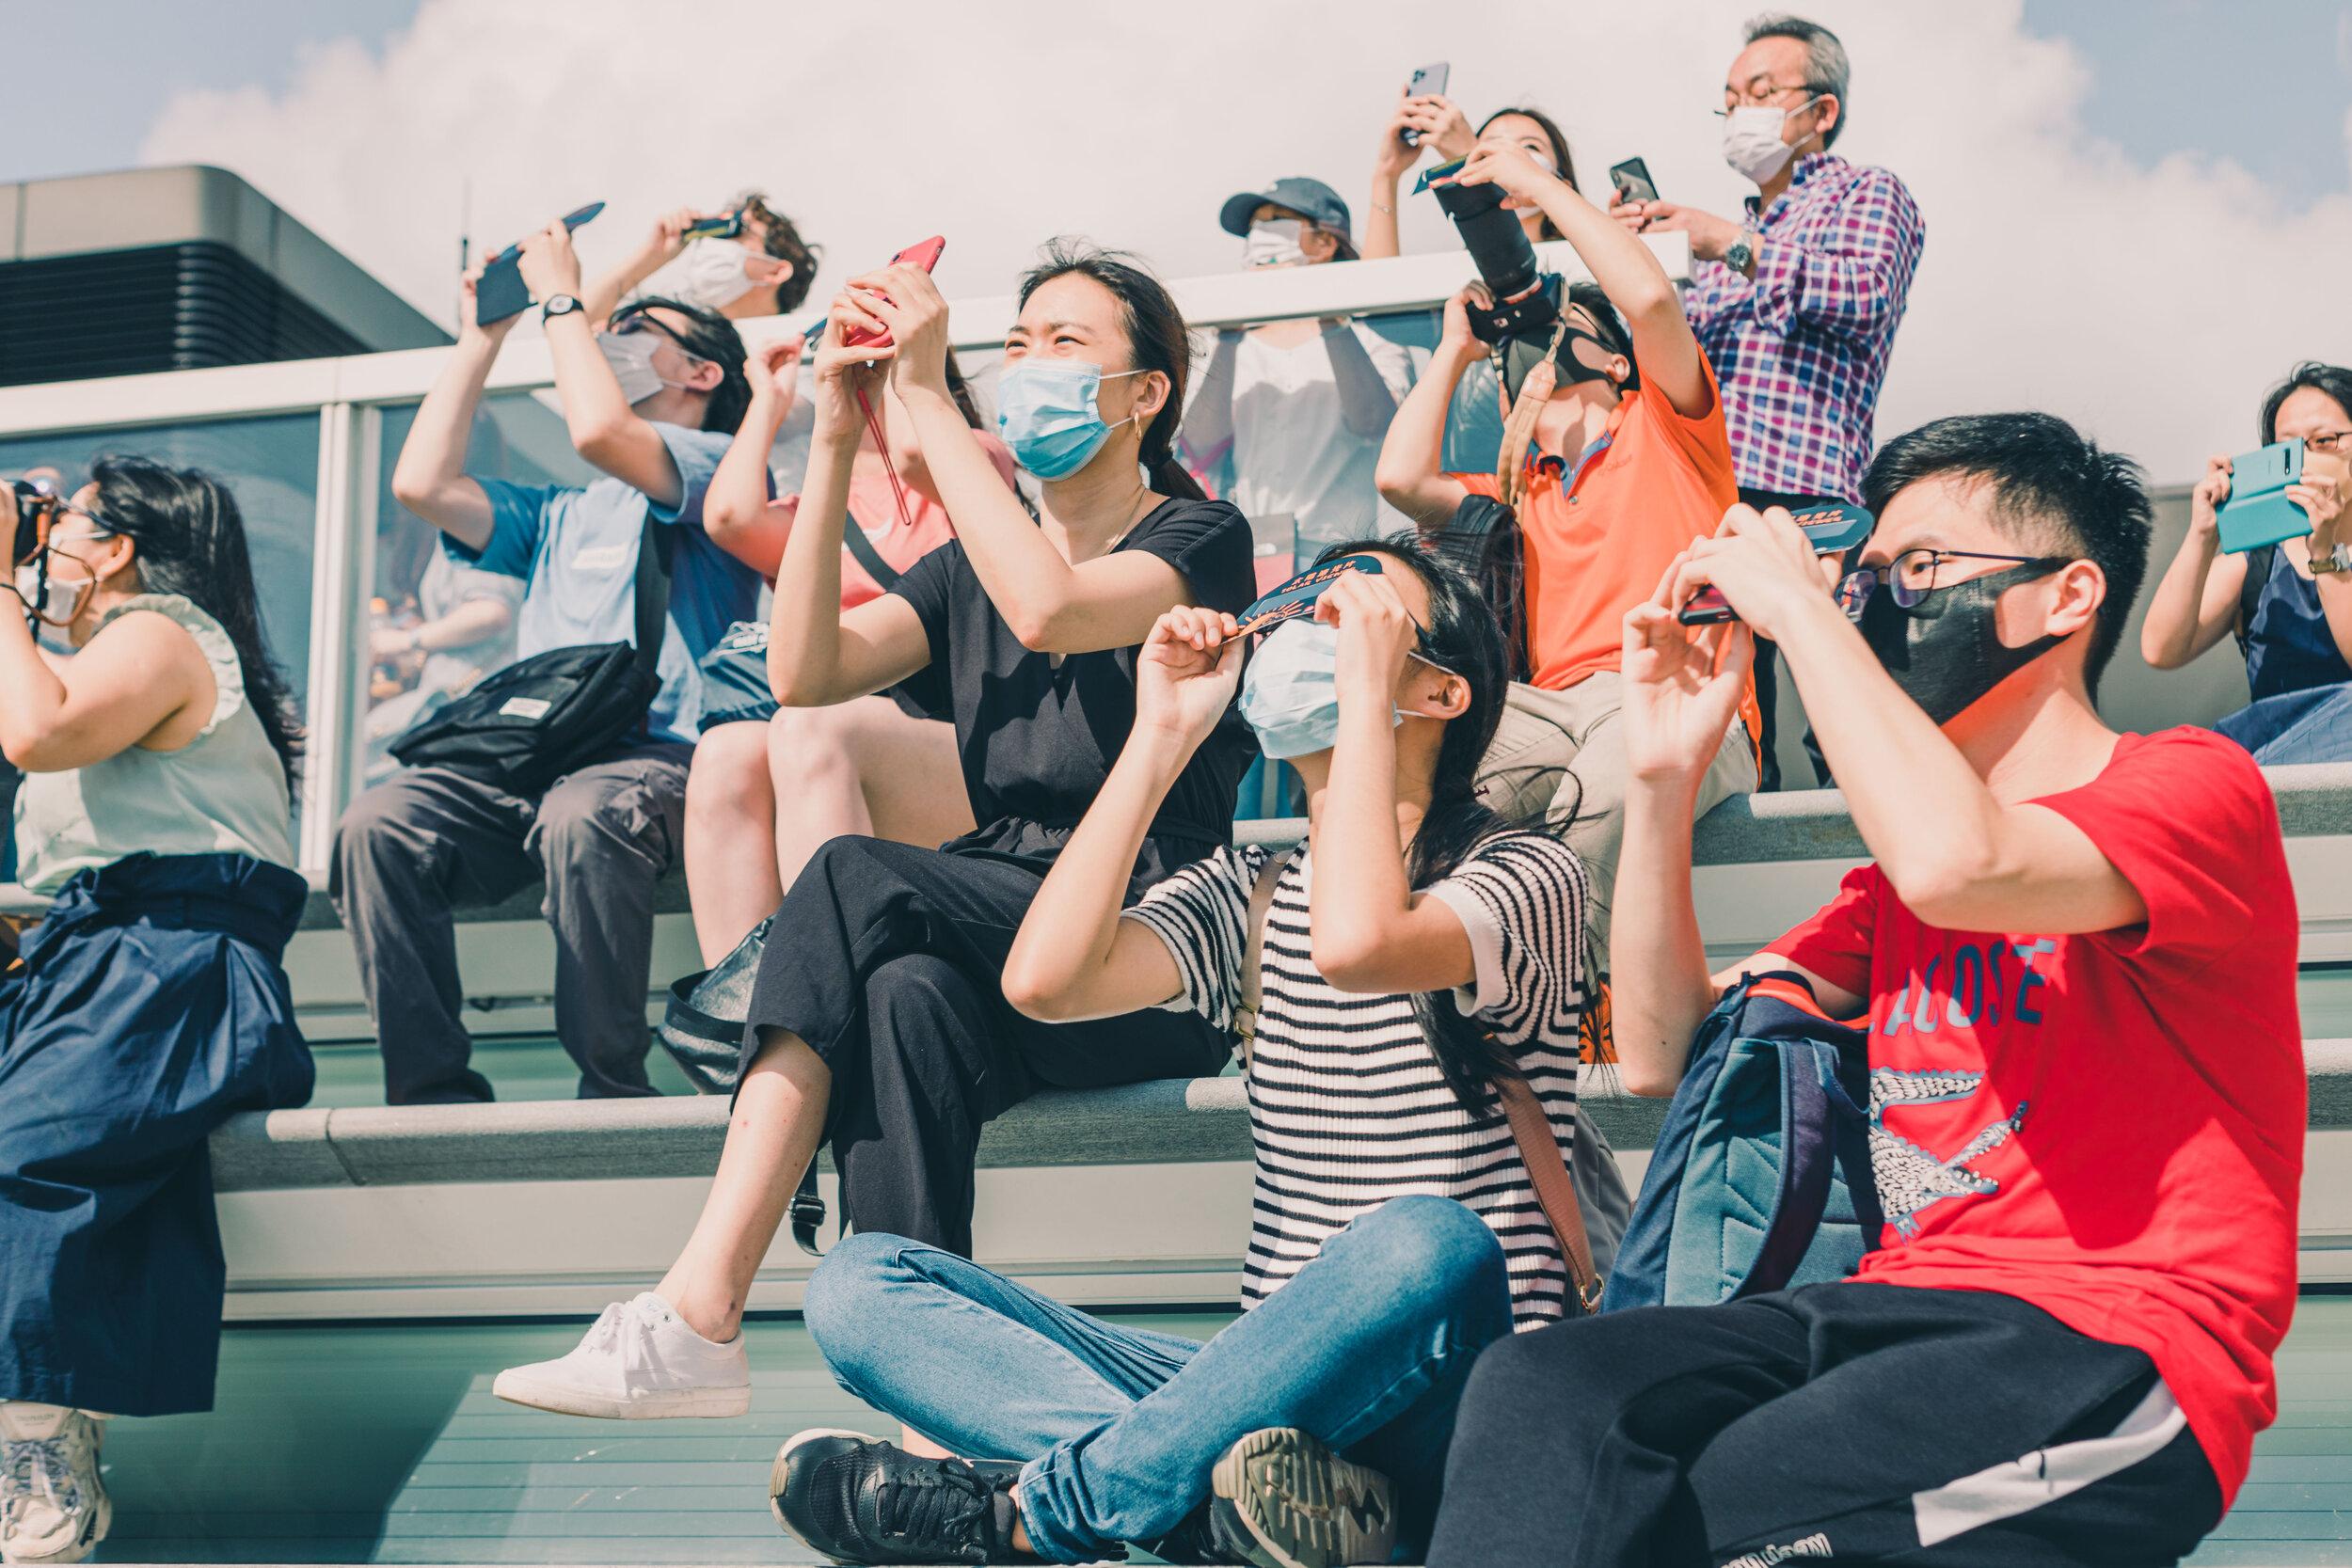 En images : ce week-end, l'anneau de feu de l'éclipse solaire a subjugué la Toile